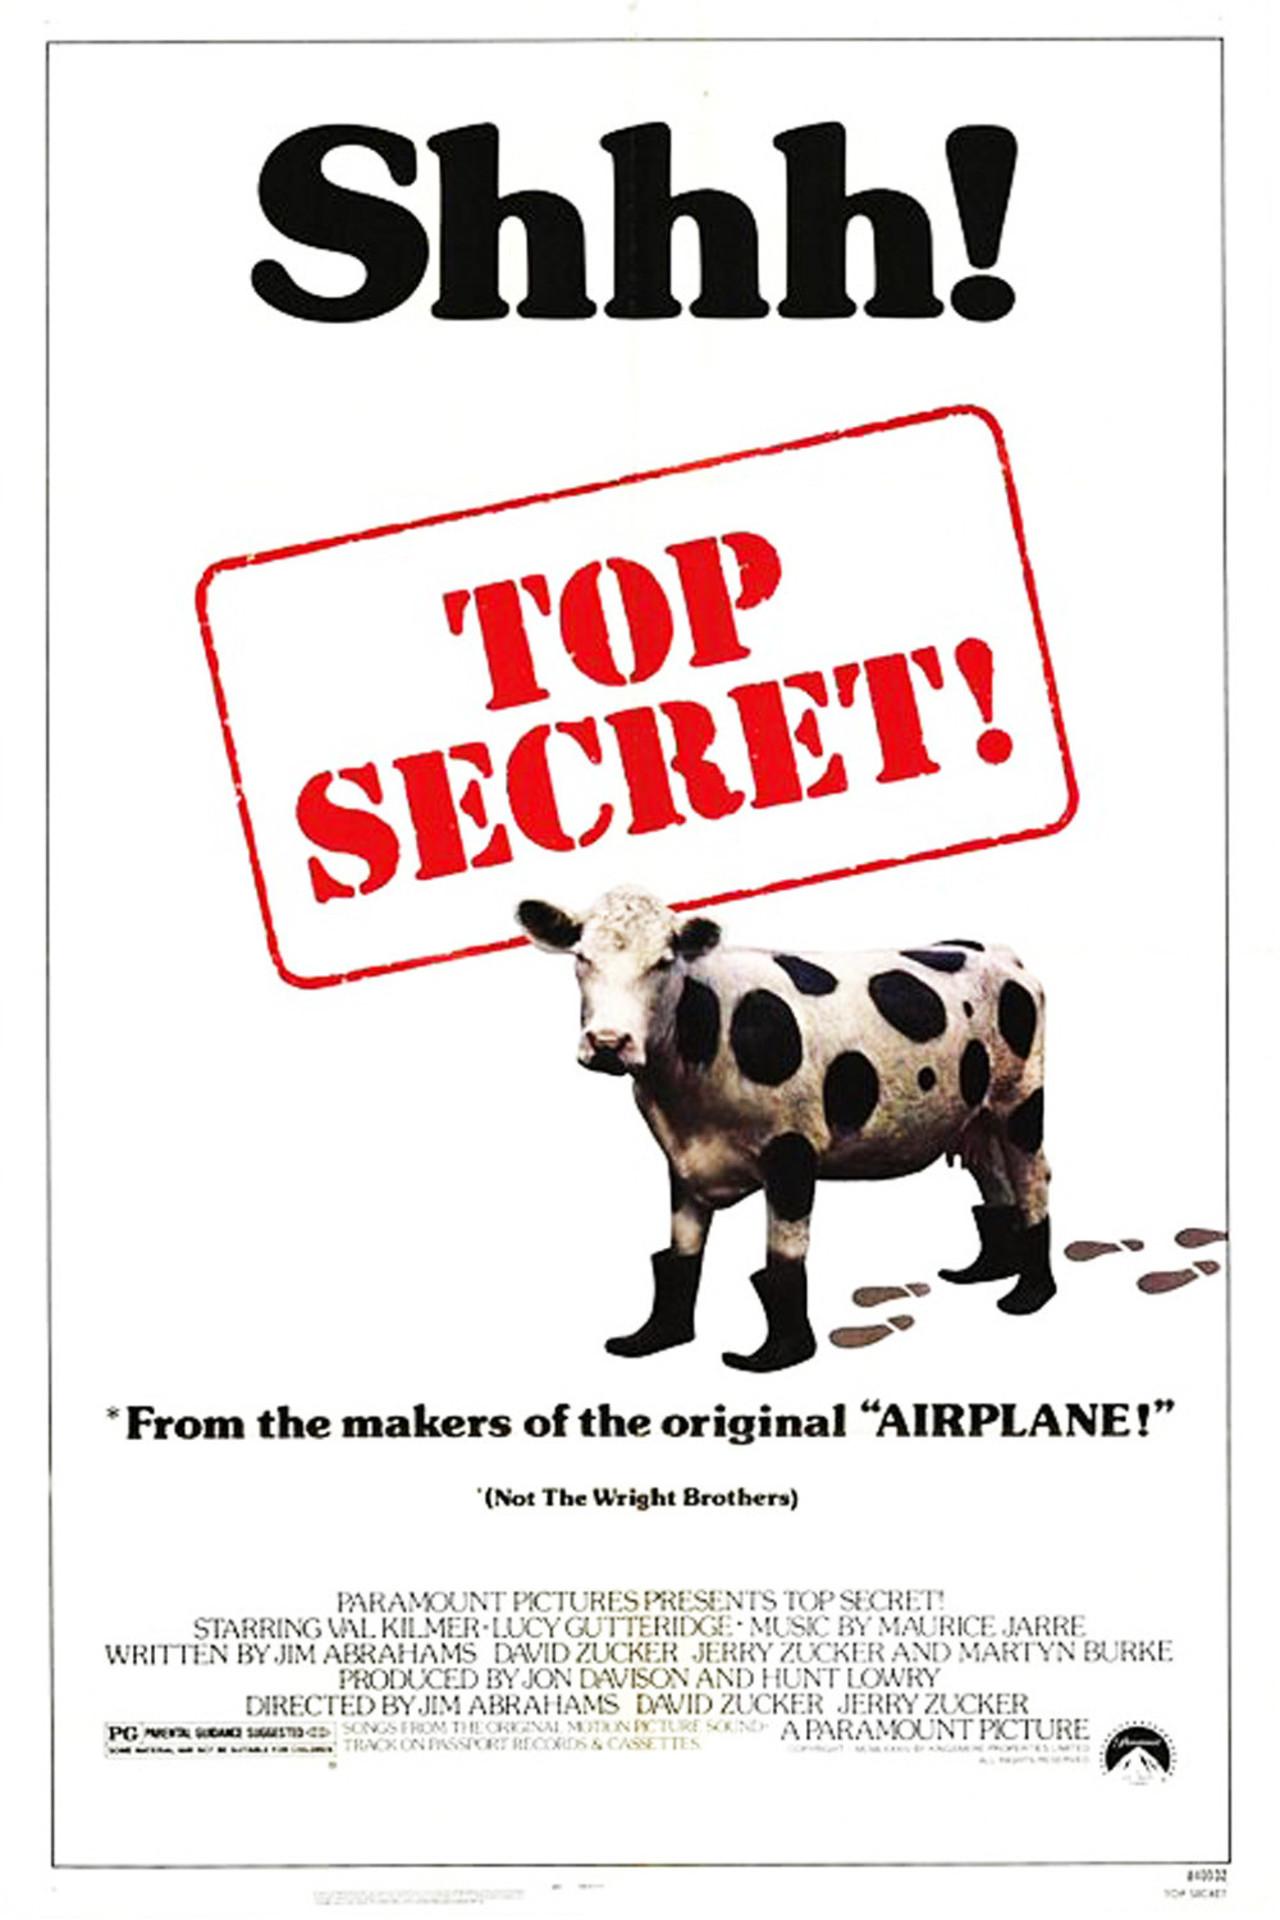 ดูหนังออนไลน์ Top Secret! (1984)